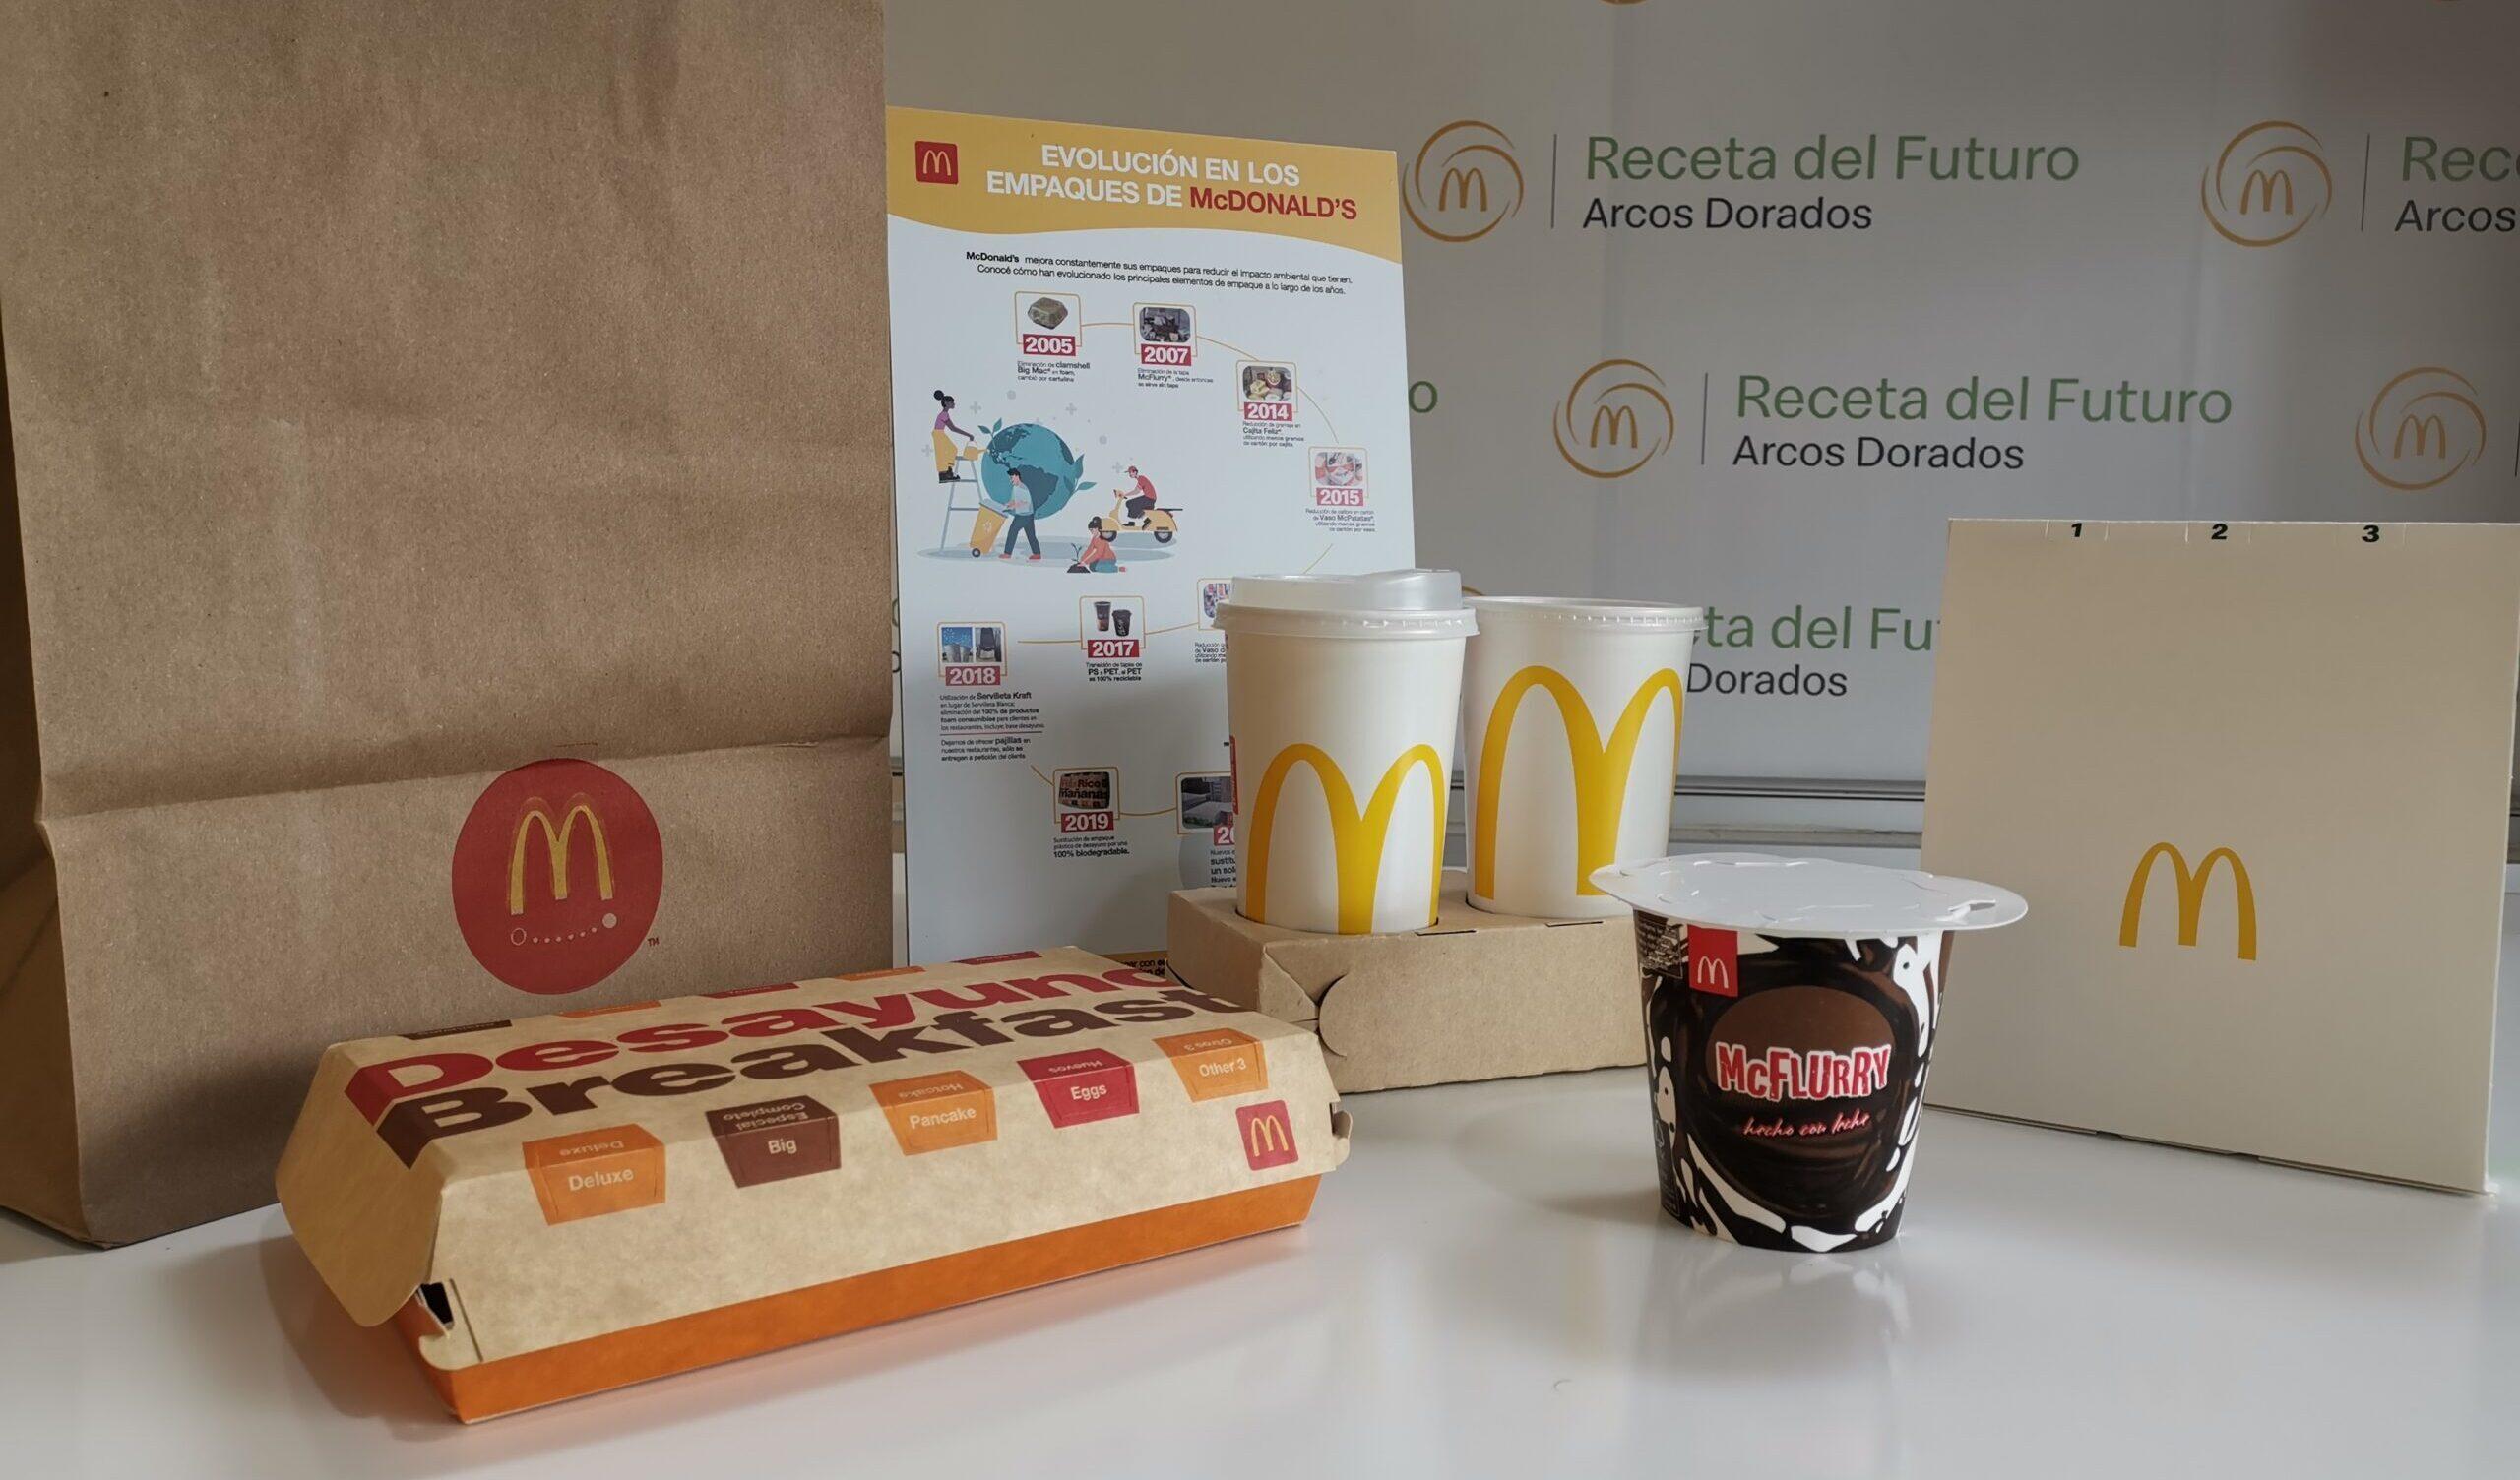 [Costa Rica] Nuevos empaques de McDonald's evitarán el uso de más de 16 millones de plásticos anuales